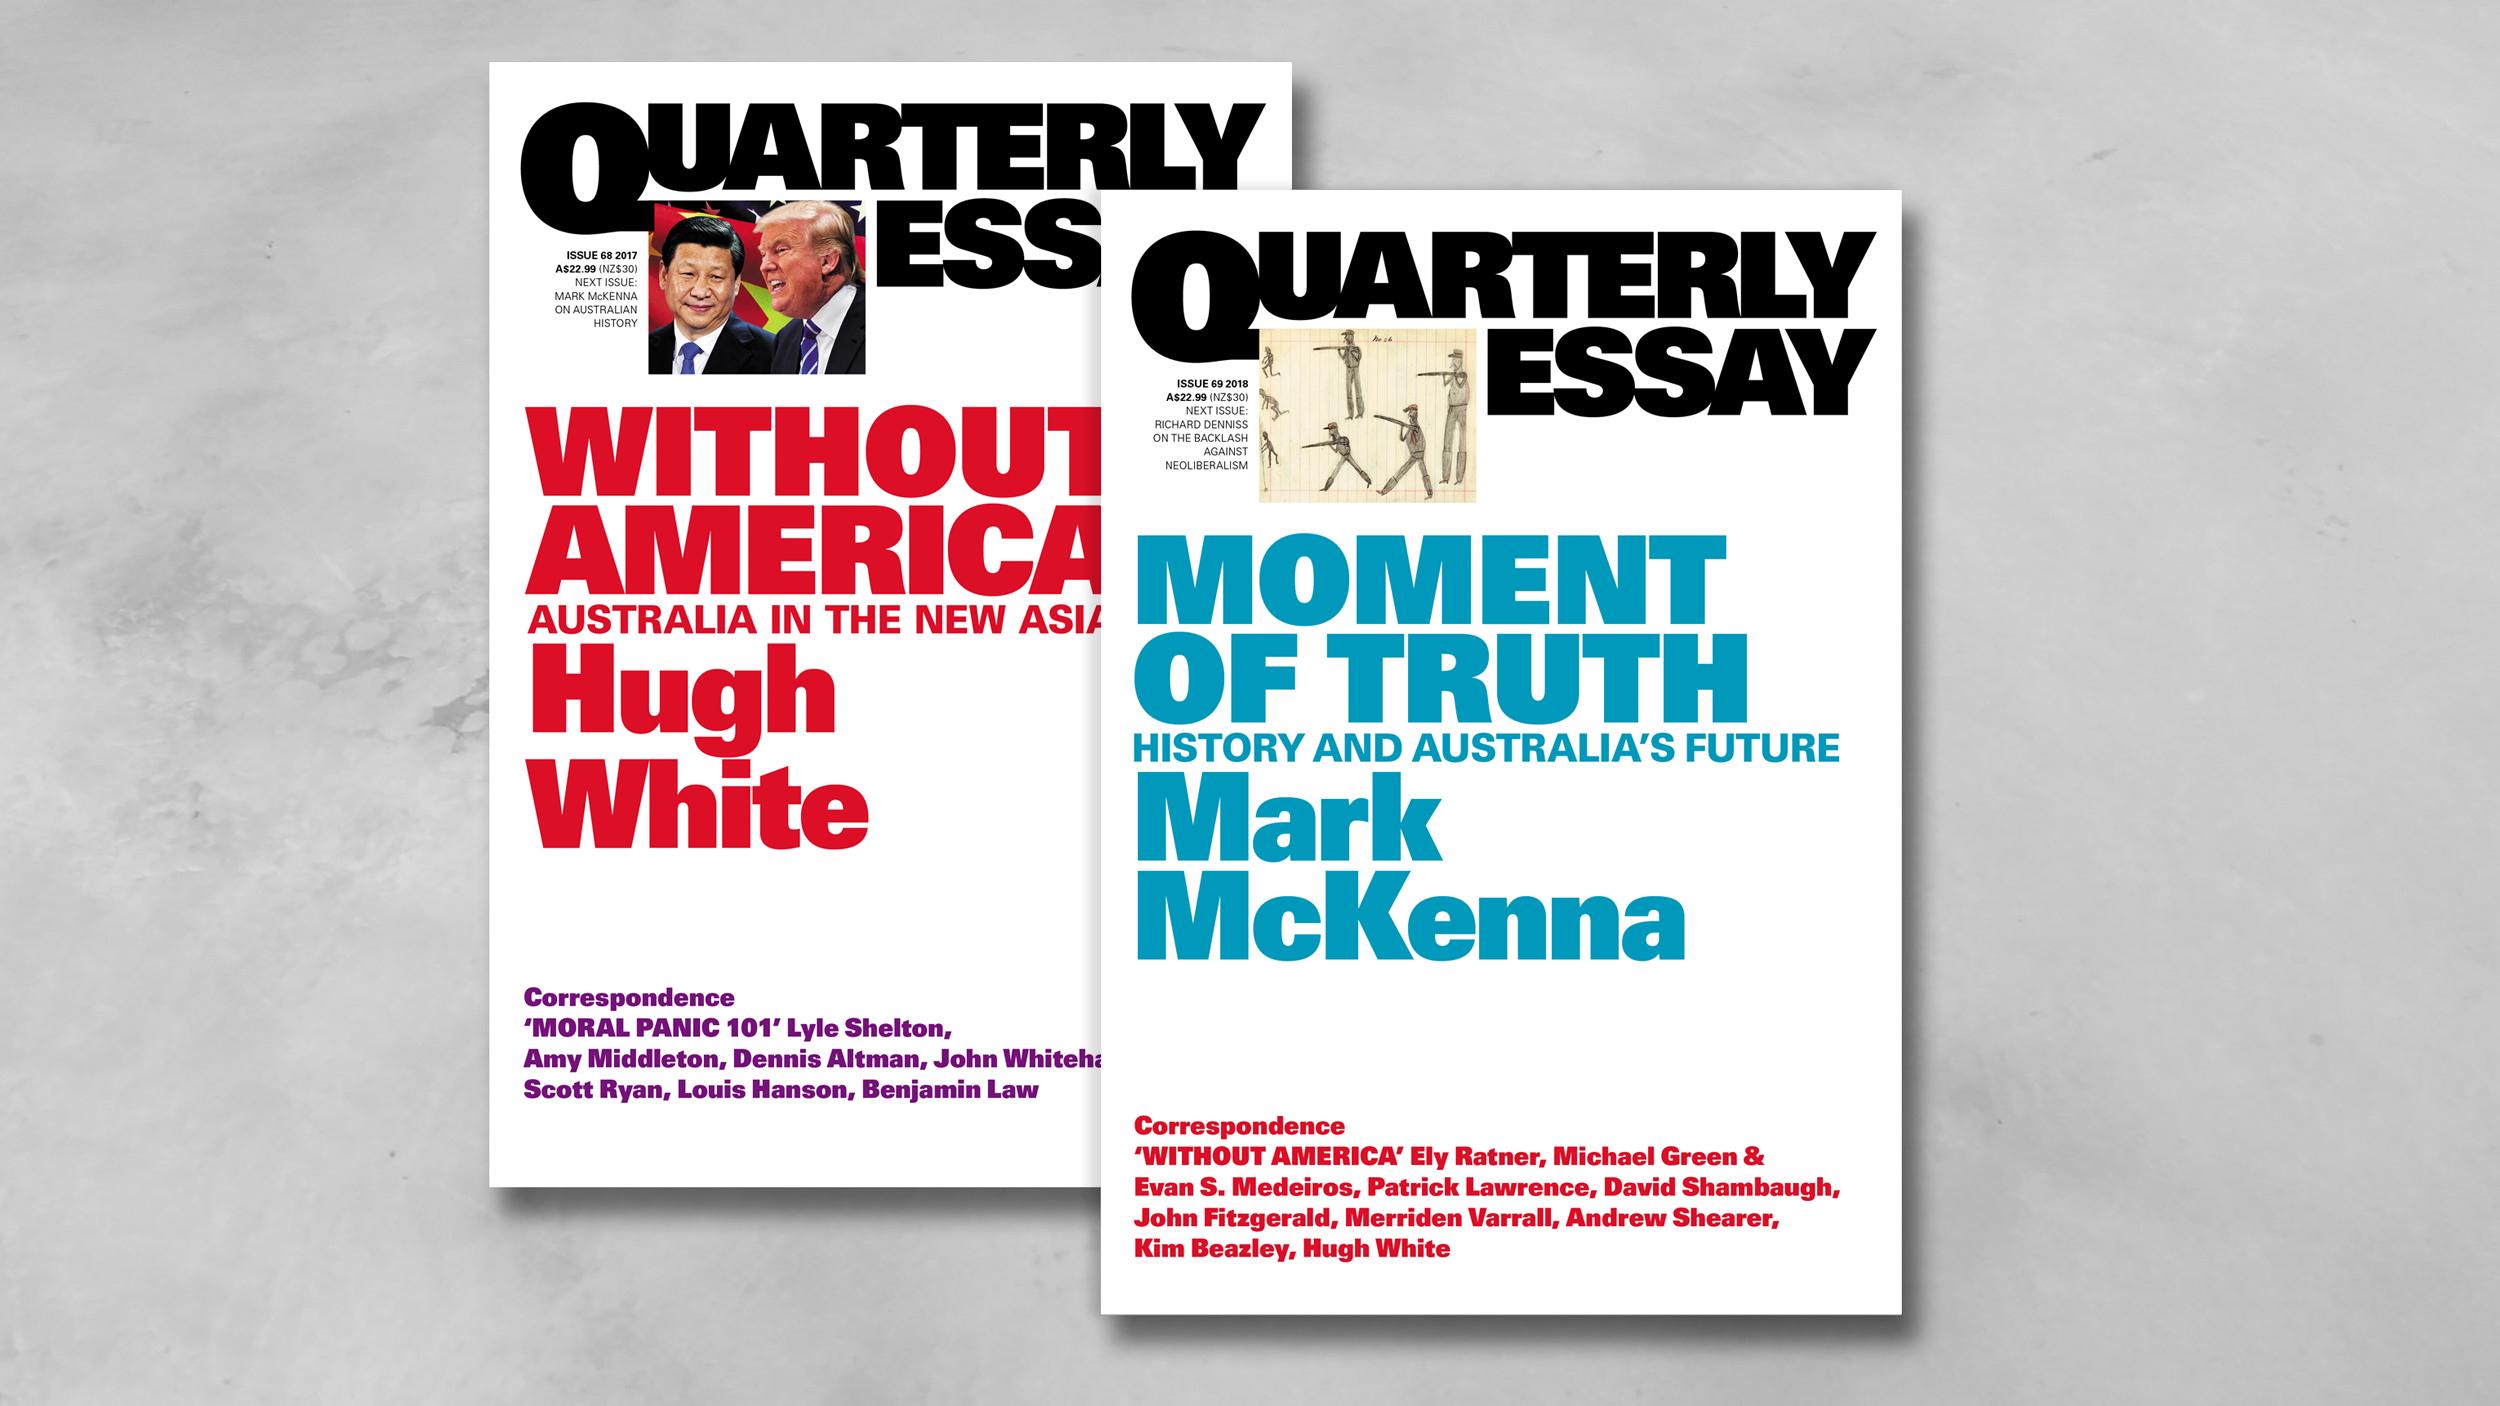 quarterly-essay-header.jpg